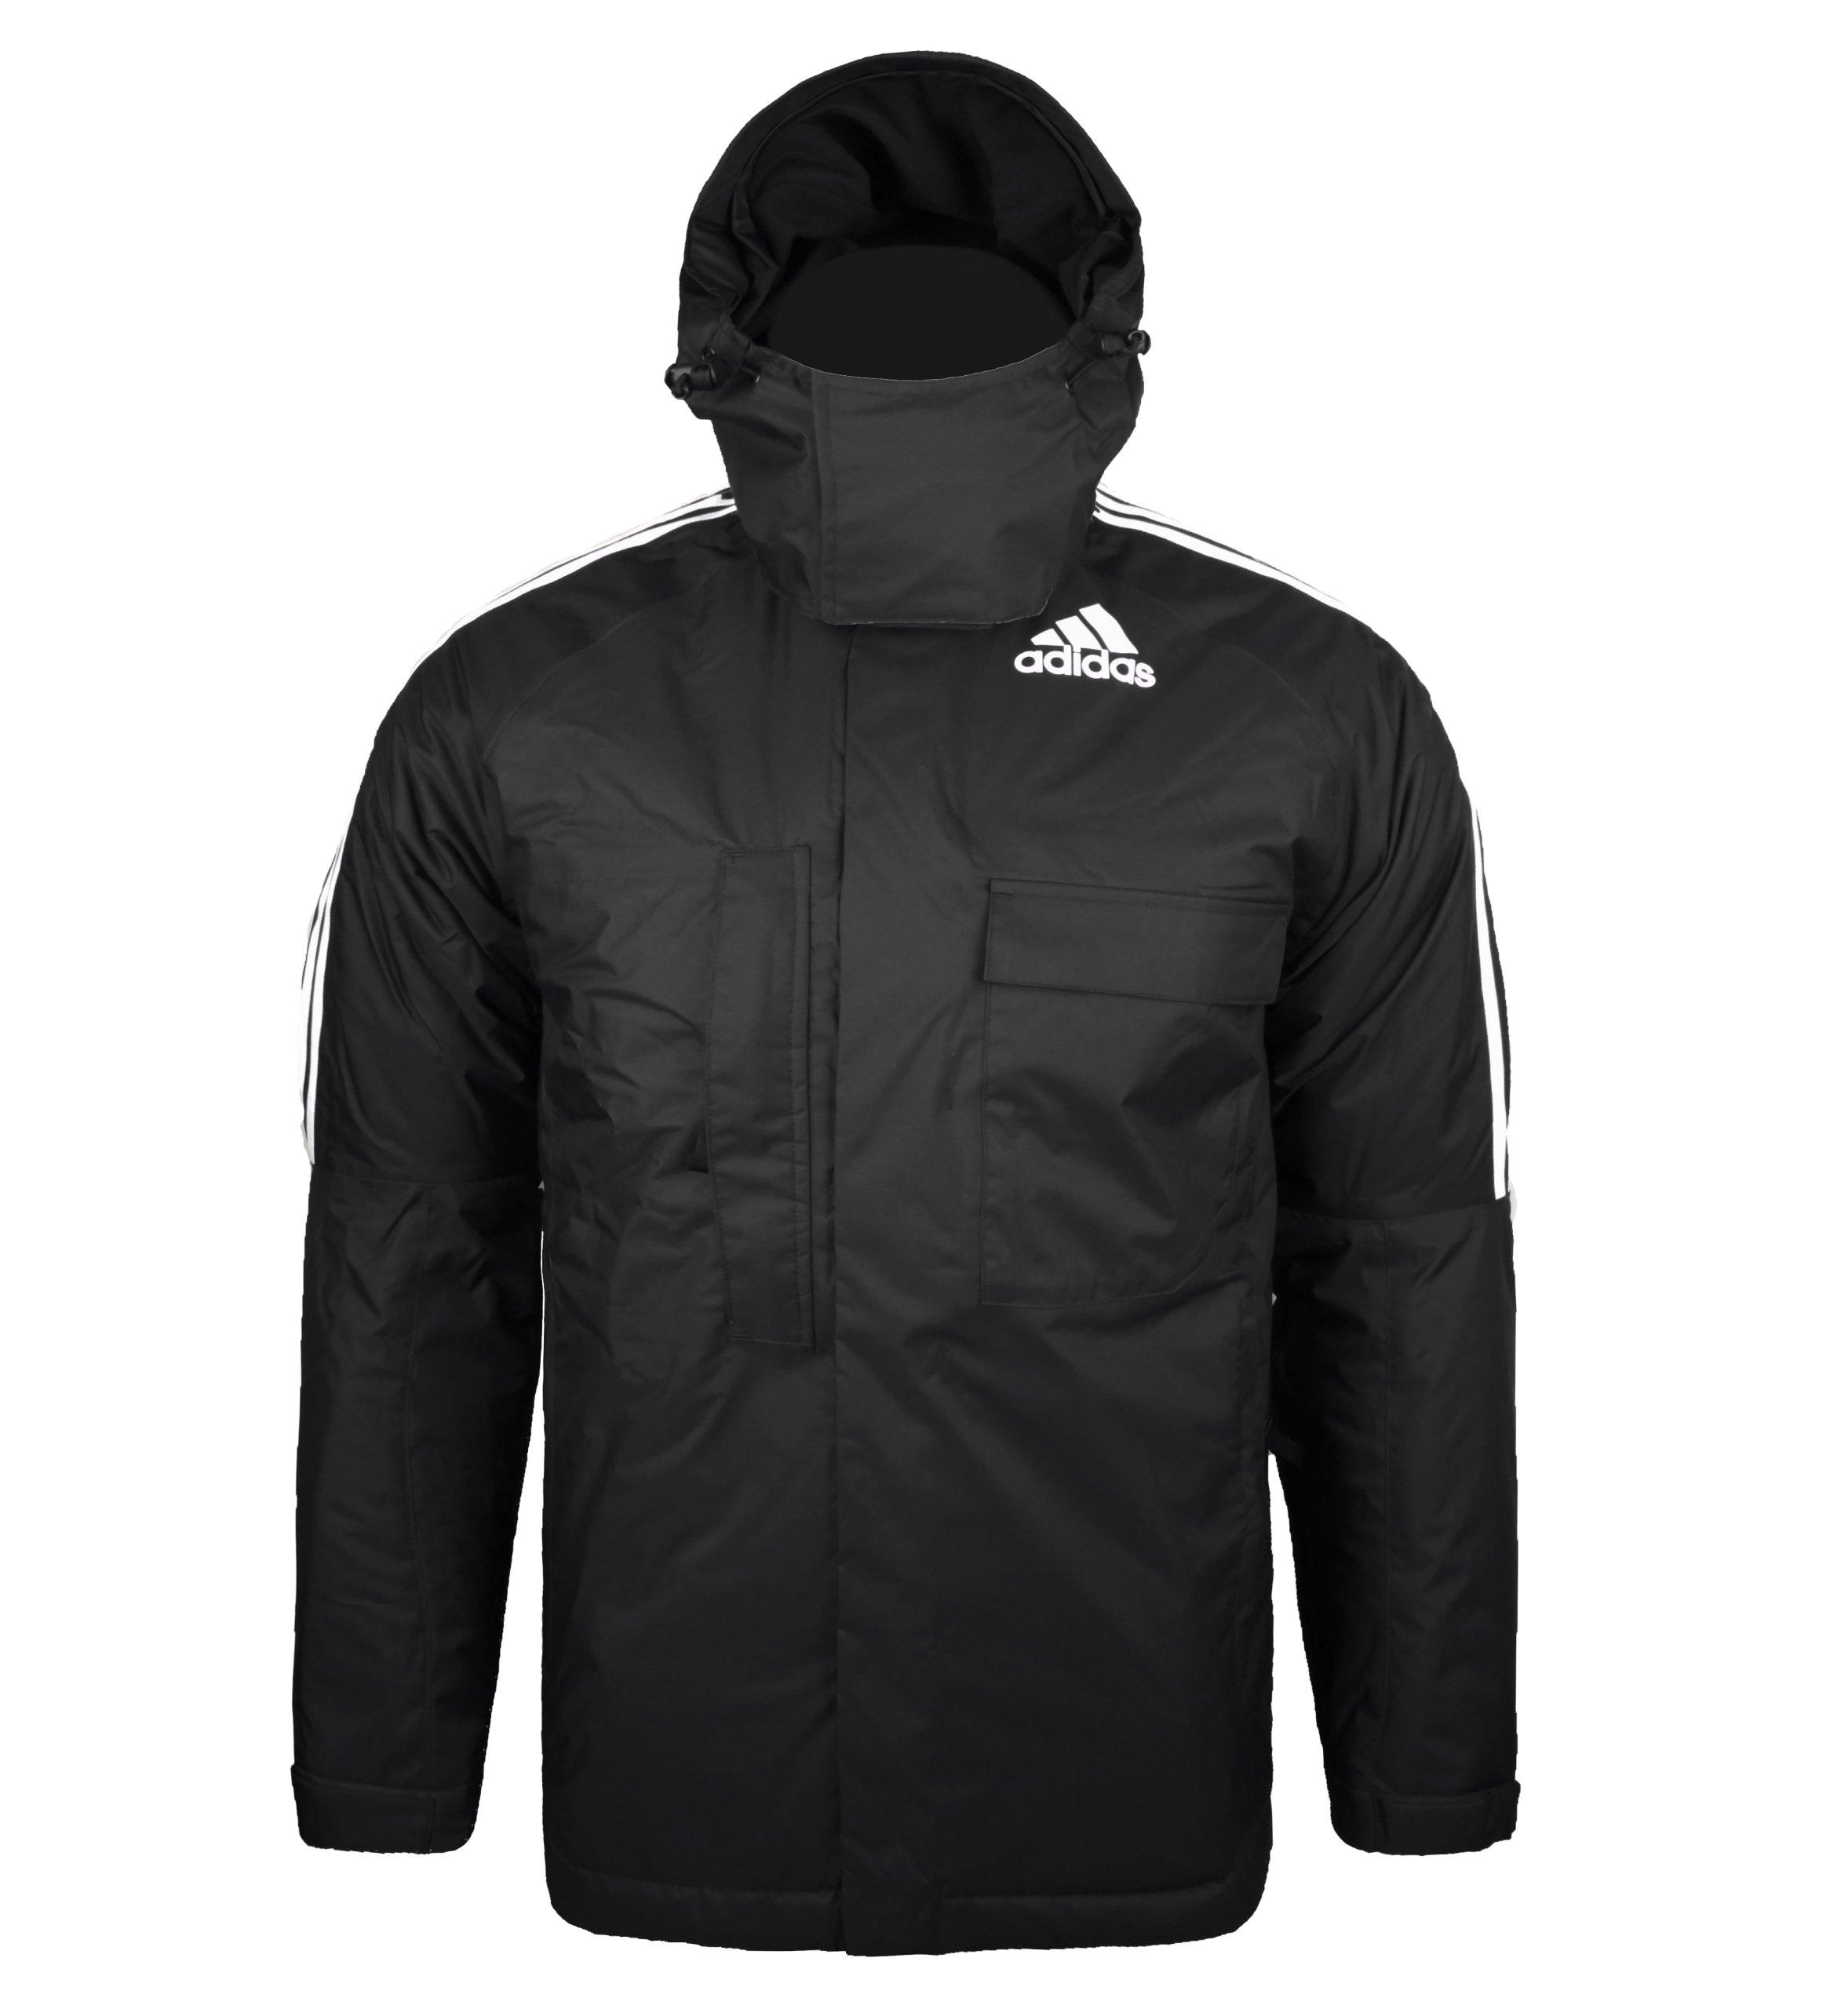 9254c1a53 czarna kurtka?brand=adidas w Oficjalnym Archiwum Allegro - Strona 22 -  archiwum ofert